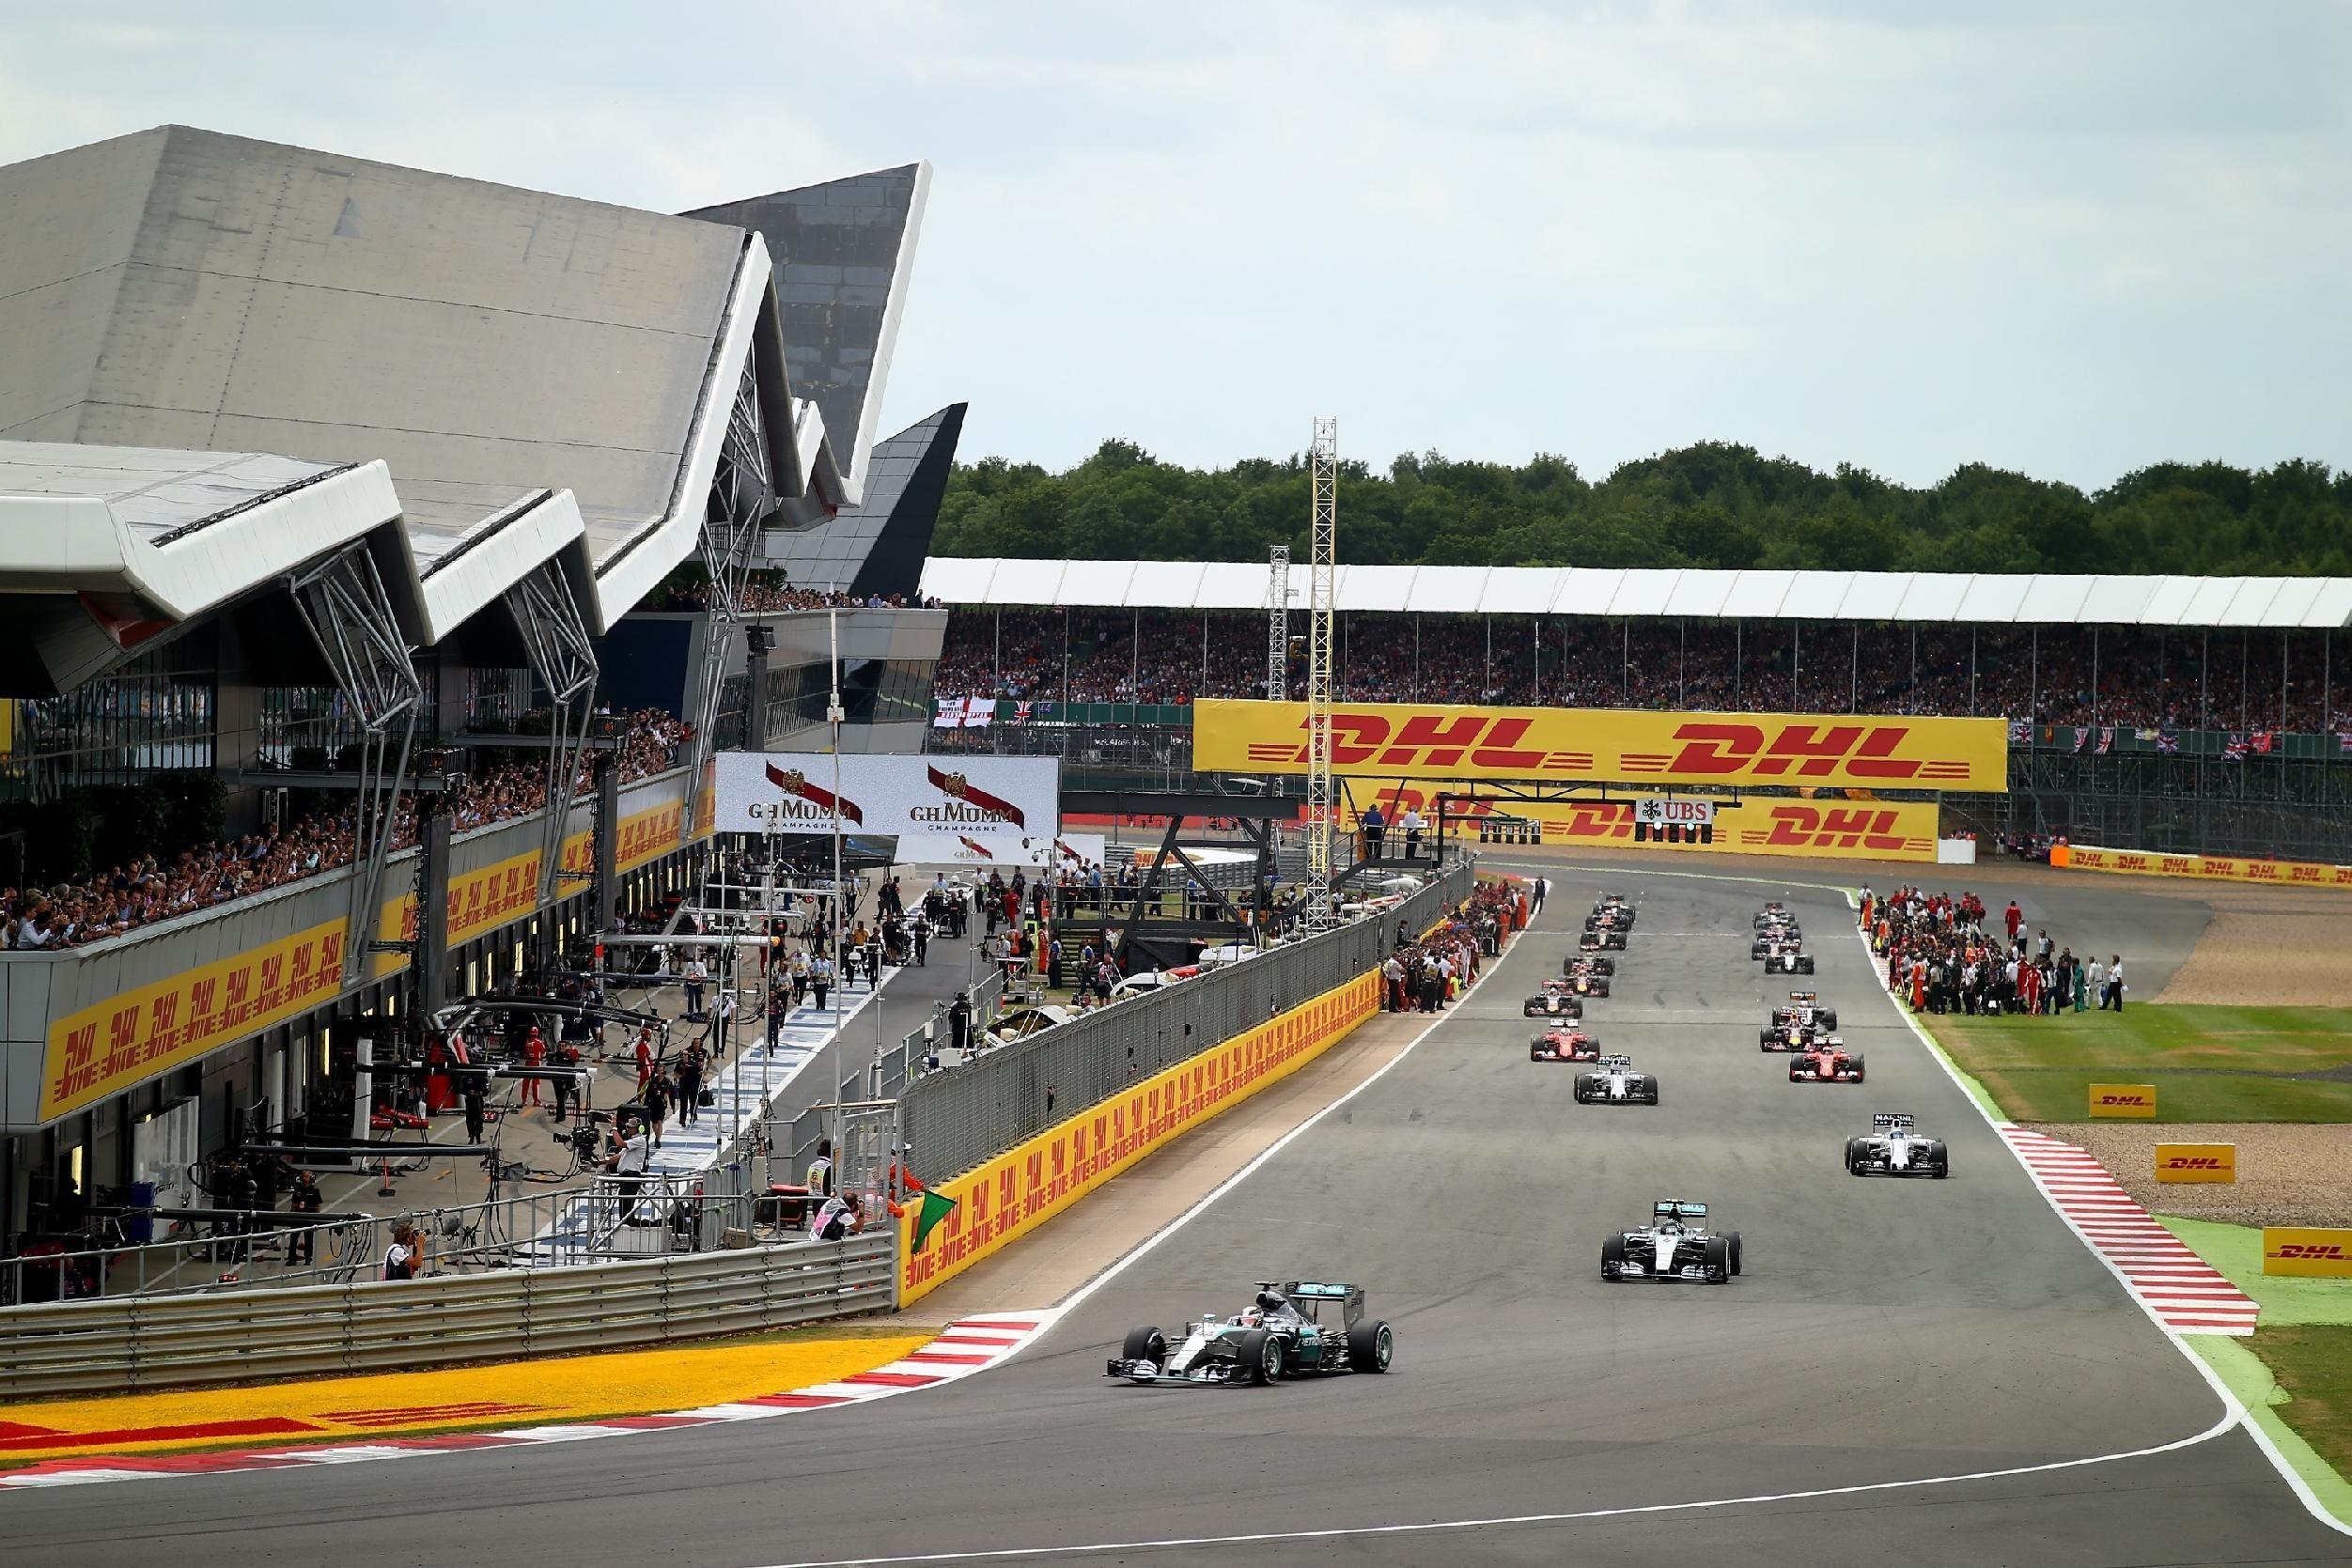 ¿En qué circuitos se ha disputado el Gran Premio de Gran Bretaña?